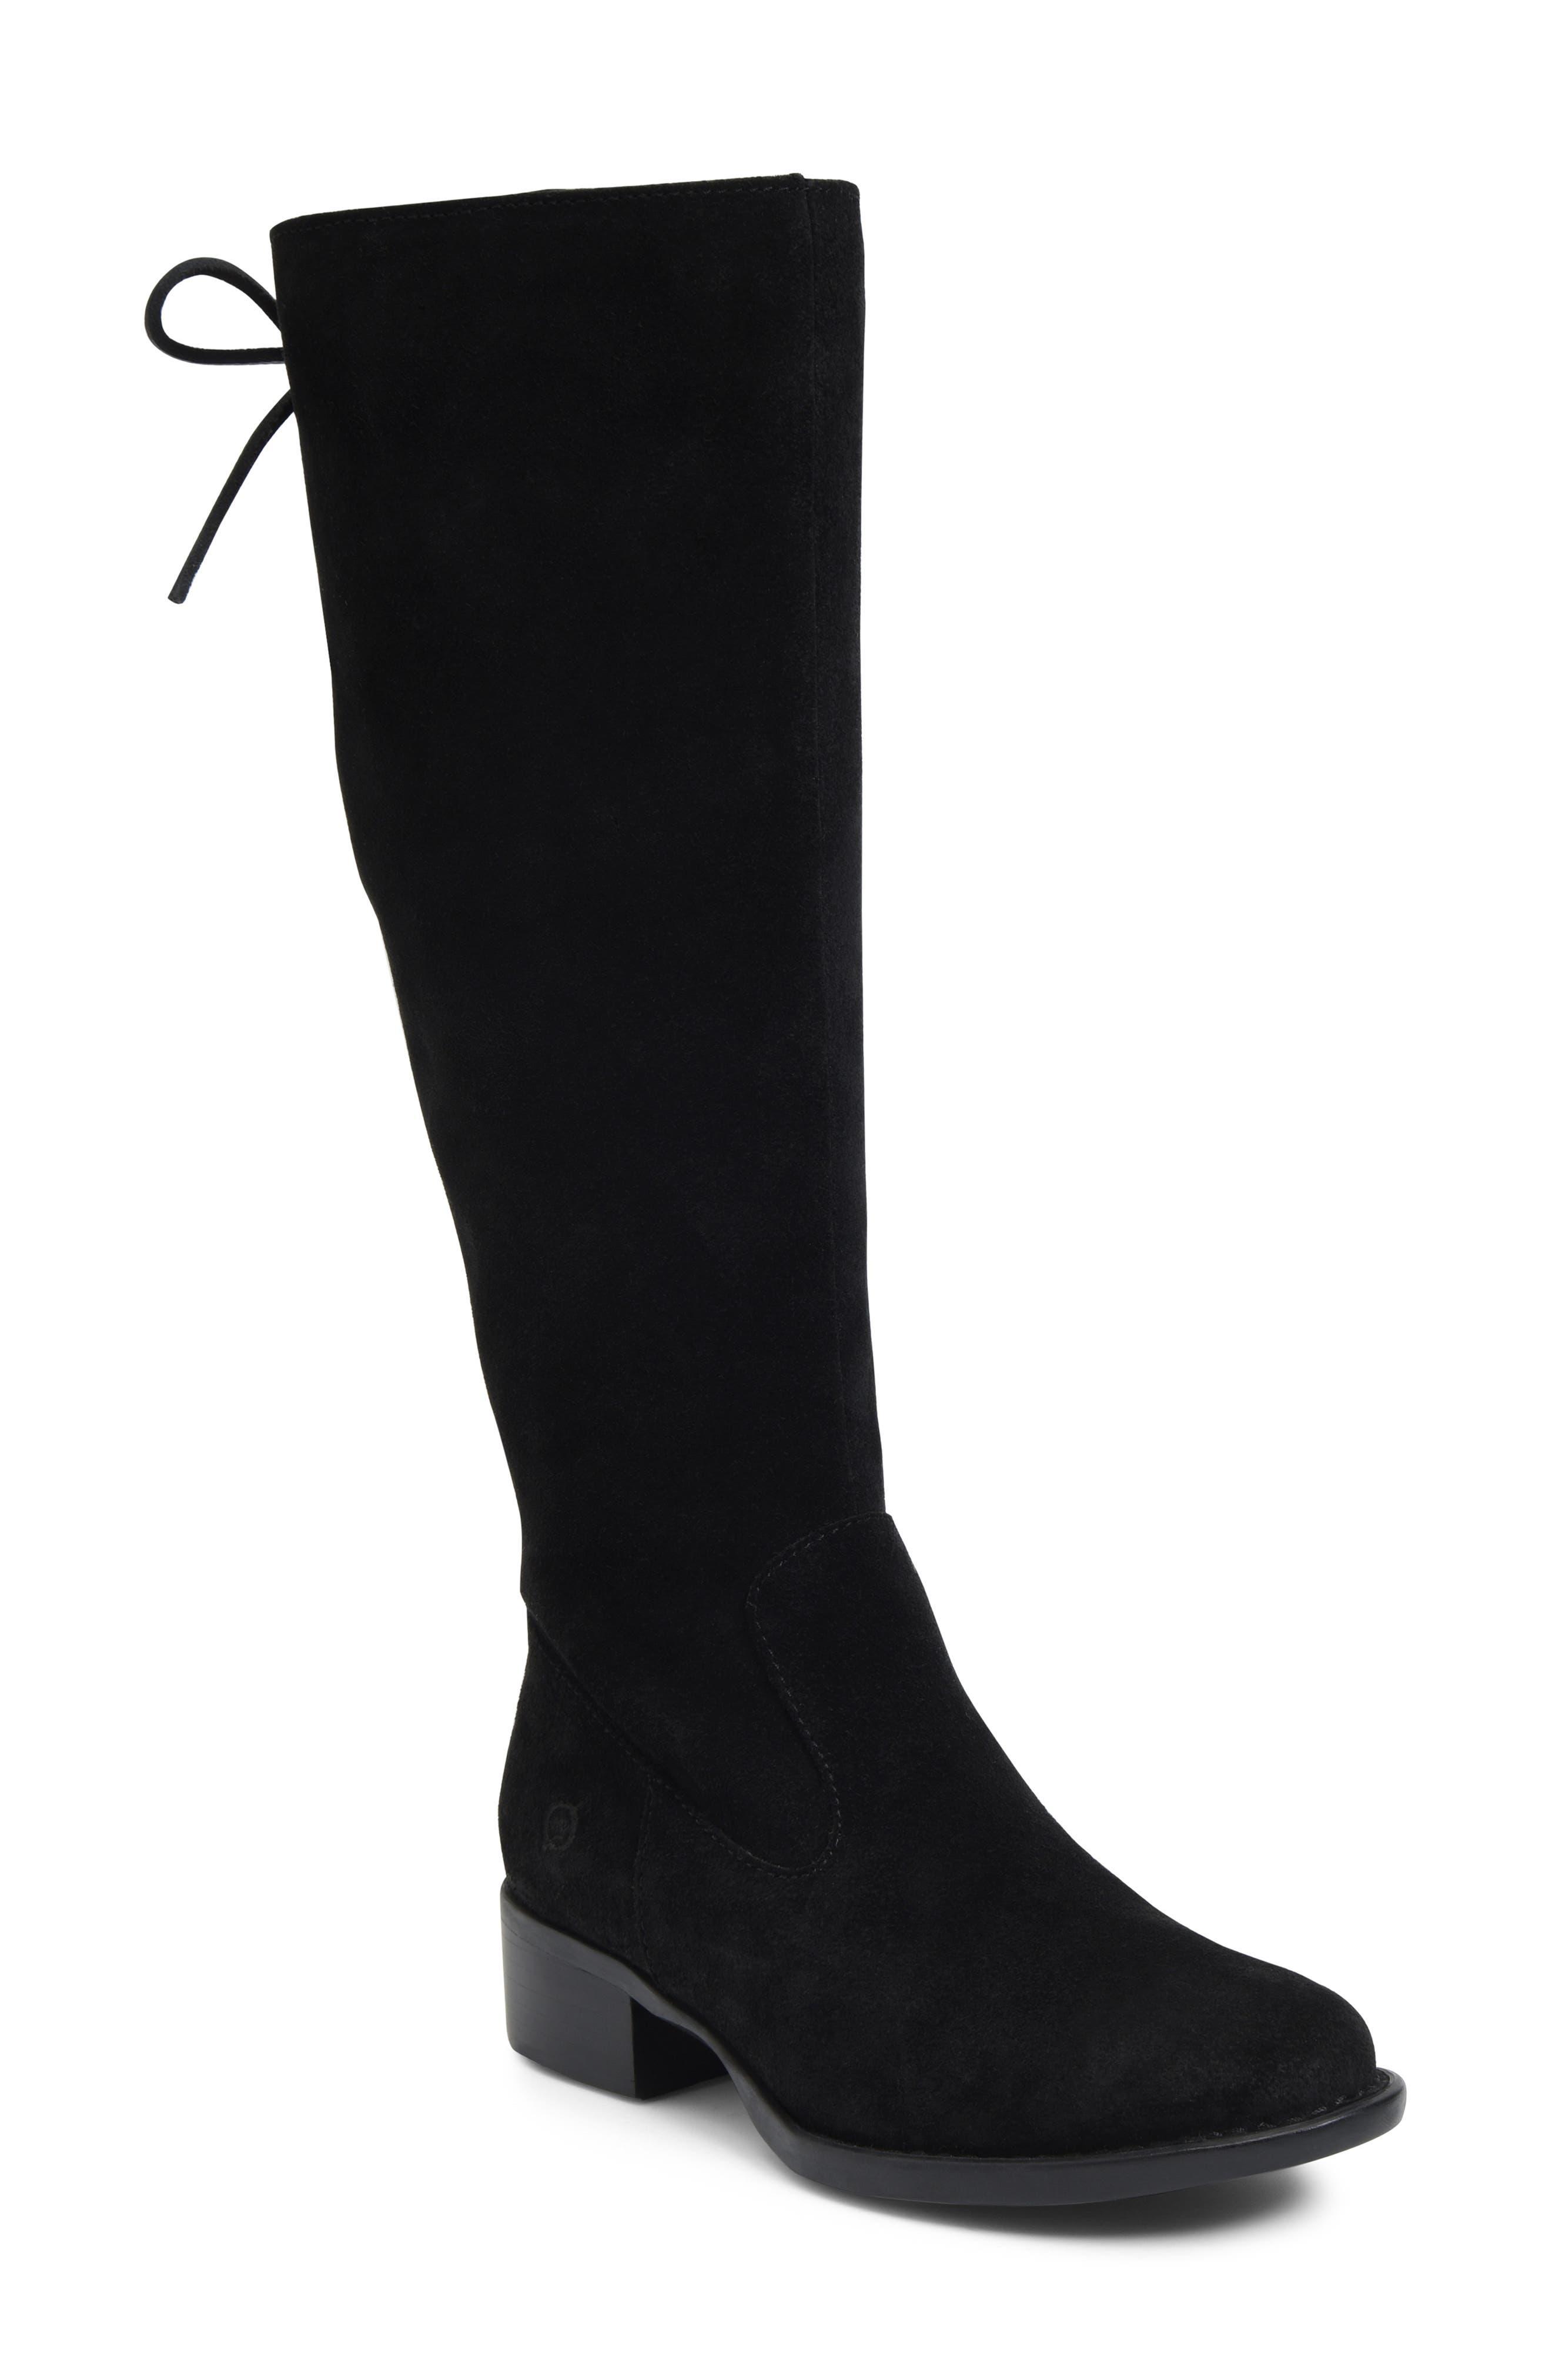 Børn Cotto Tall Boot (Women) (Regular & Wide Calf)